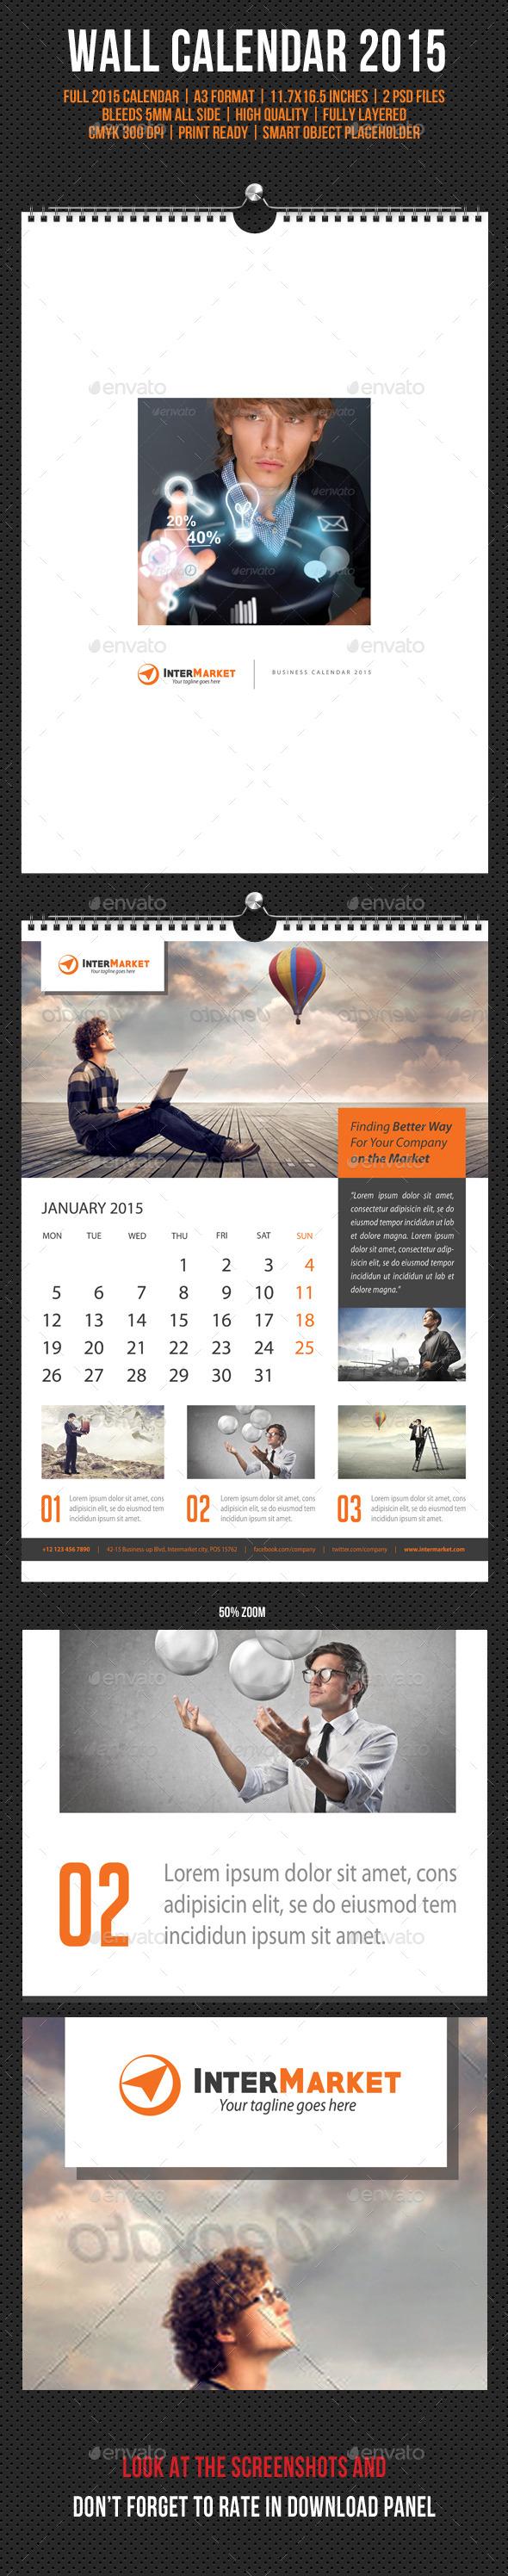 GraphicRiver Corporate Wall Calendar 2015 V05 9895458